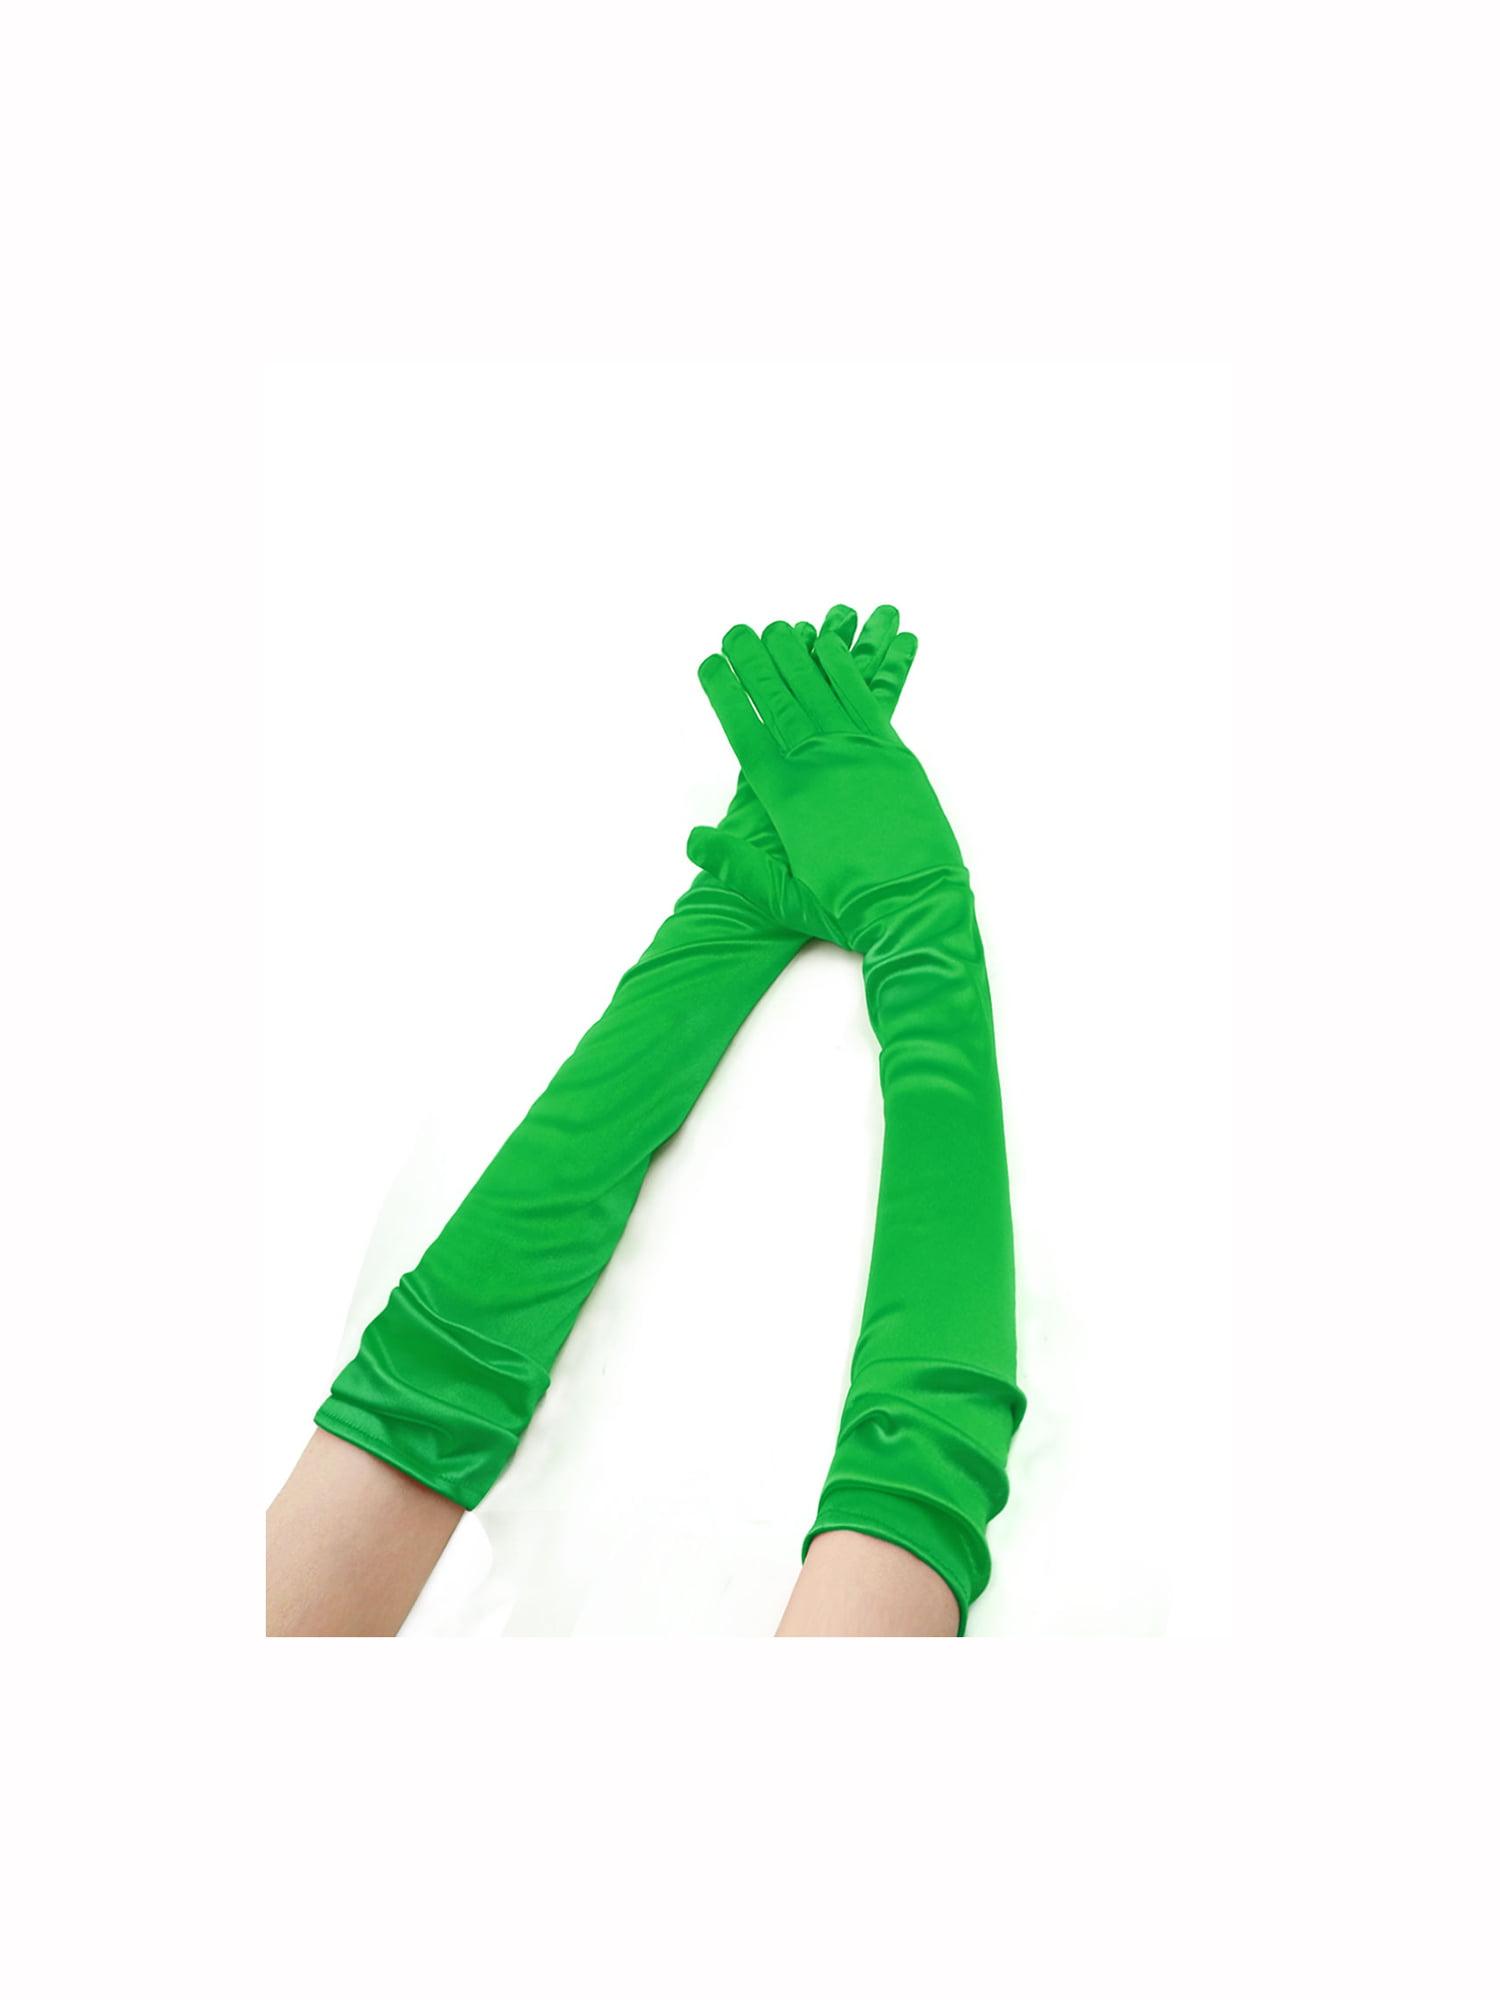 Women Stretchy Opera Length Full Finger Gloves Pairs